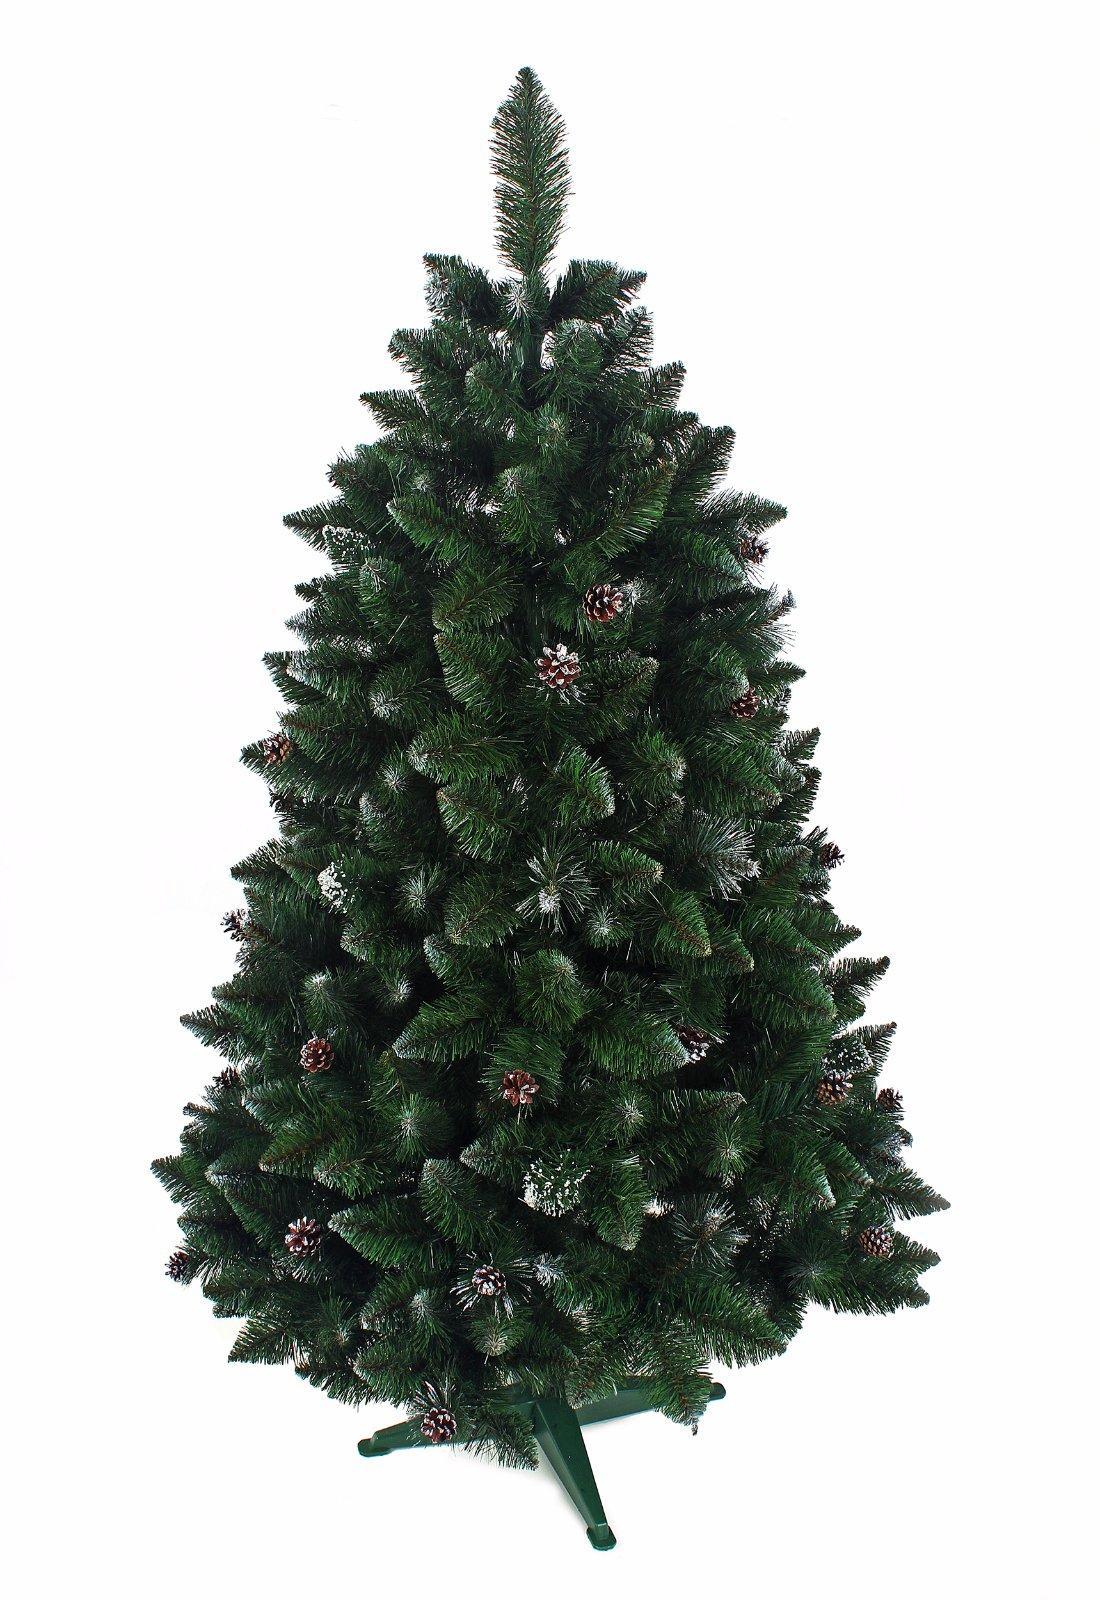 4a5913689 Umelé vianočné stromčeky borovice so striebornými , - 36 € od predávajúcej  chilli16 | Detský bazár | ModryKonik.sk